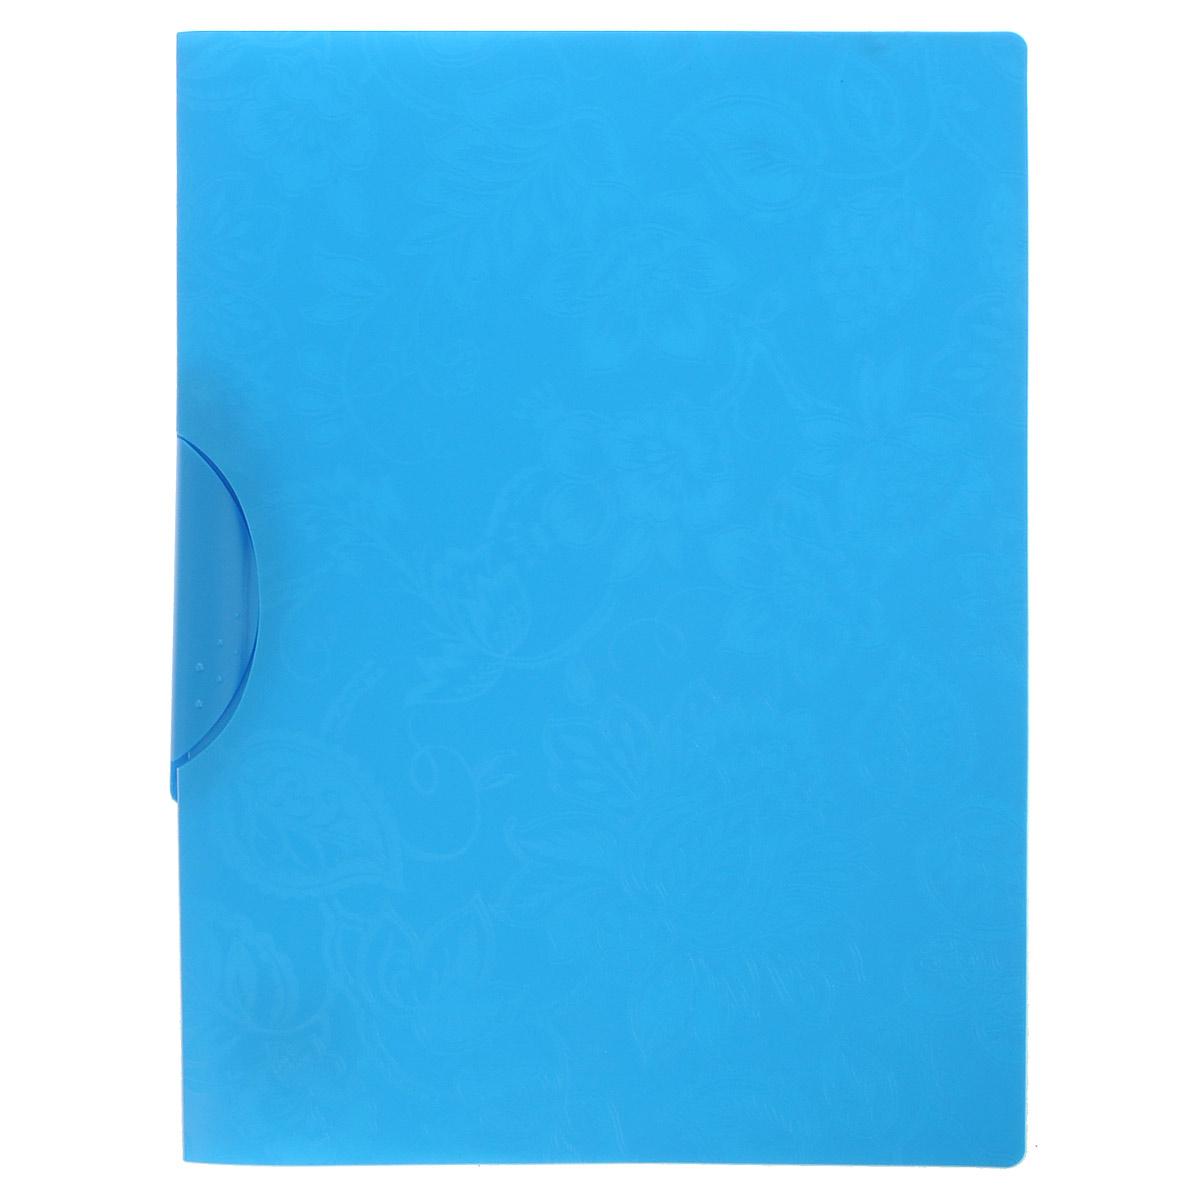 Папка с клипом Centrum Лотос, цвет: голубой, формат А484570 голубойПапка с клипом Centrum Лотос - это удобный и практичный офисный инструмент, предназначенный для хранения и транспортировки неперфорированных рабочих бумаг и документов формата А4. Она изготовлена из прочного пластика и оснащена боковым поворотным клипом, позволяющим фиксировать неперфорированные листы. Папка - это незаменимый атрибут для студента, школьника, офисного работника. Такая папка практична в использовании и надежно сохранит ваши документы и сбережет их от повреждений, пыли и влаги.